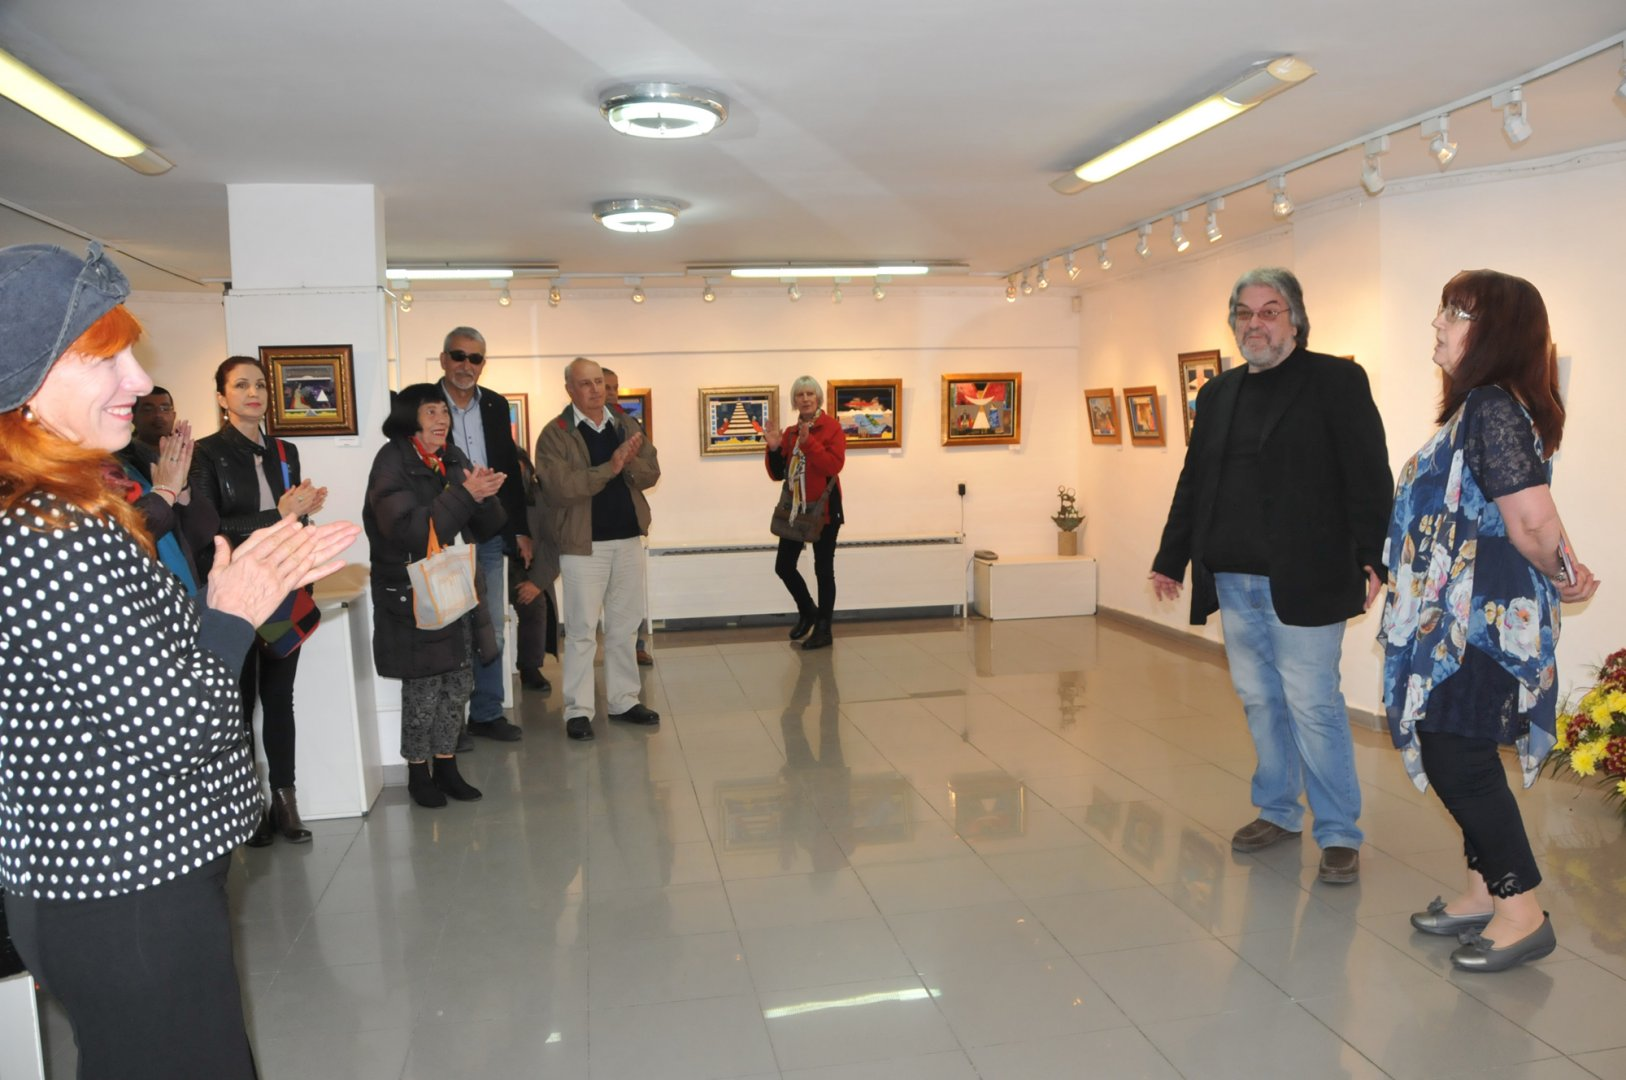 Родопчанинът Здравко Палазов представи 24 живописни платна в галерия Бургас. Снимка Лина Главинова